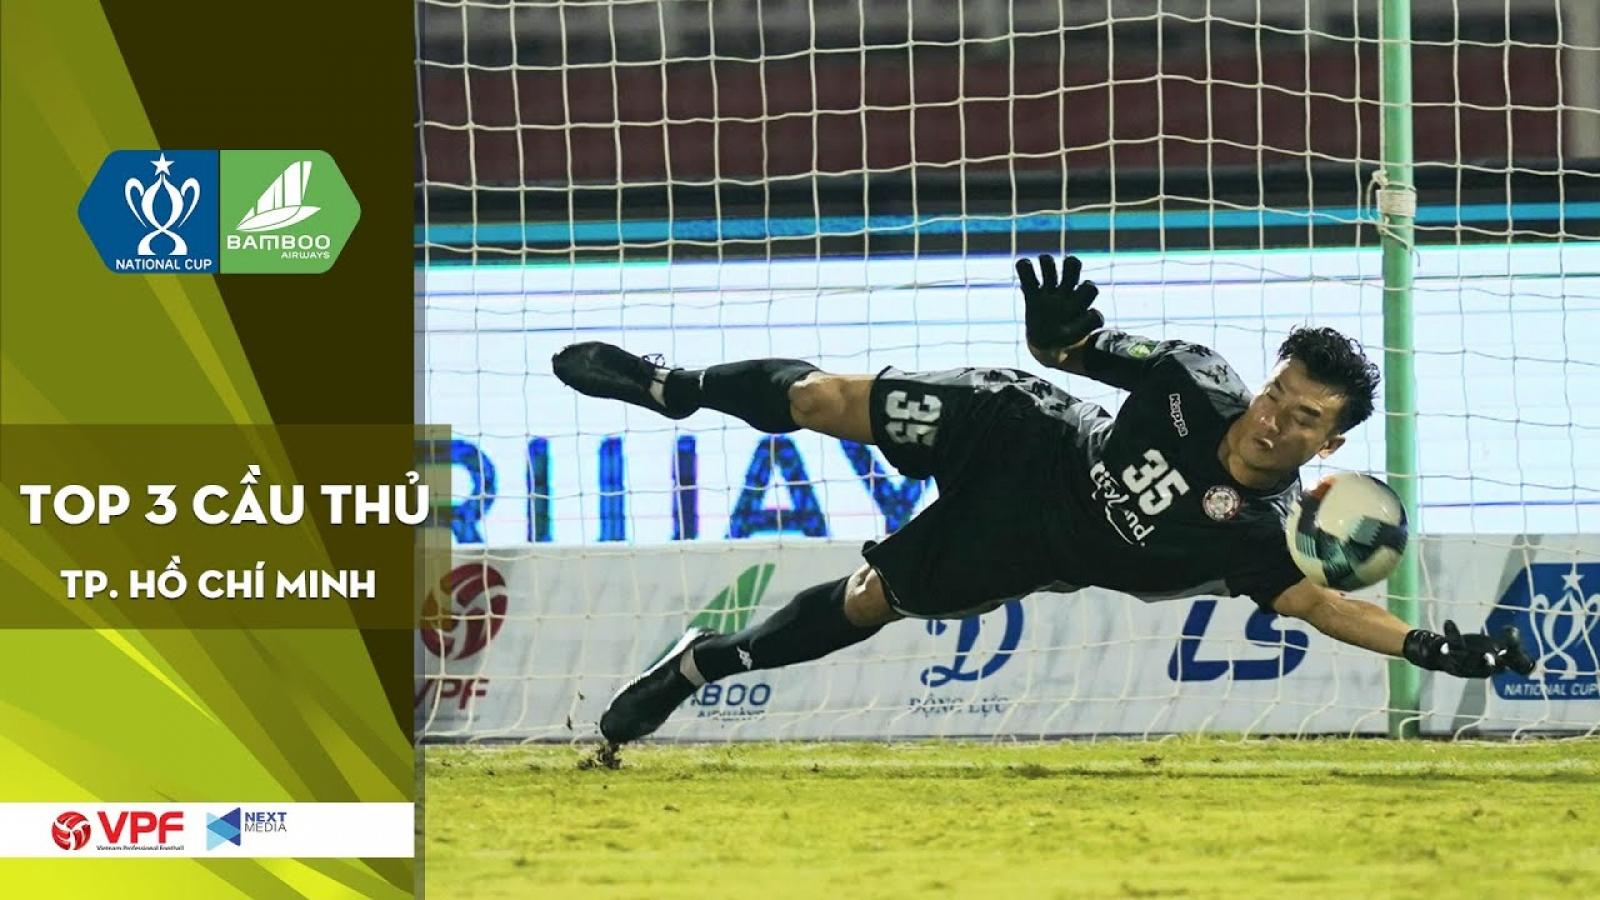 Công Phượng, Bùi Tiến Dũng sẽ tỏa sáng khi bóng đá Việt Nam trở lại?